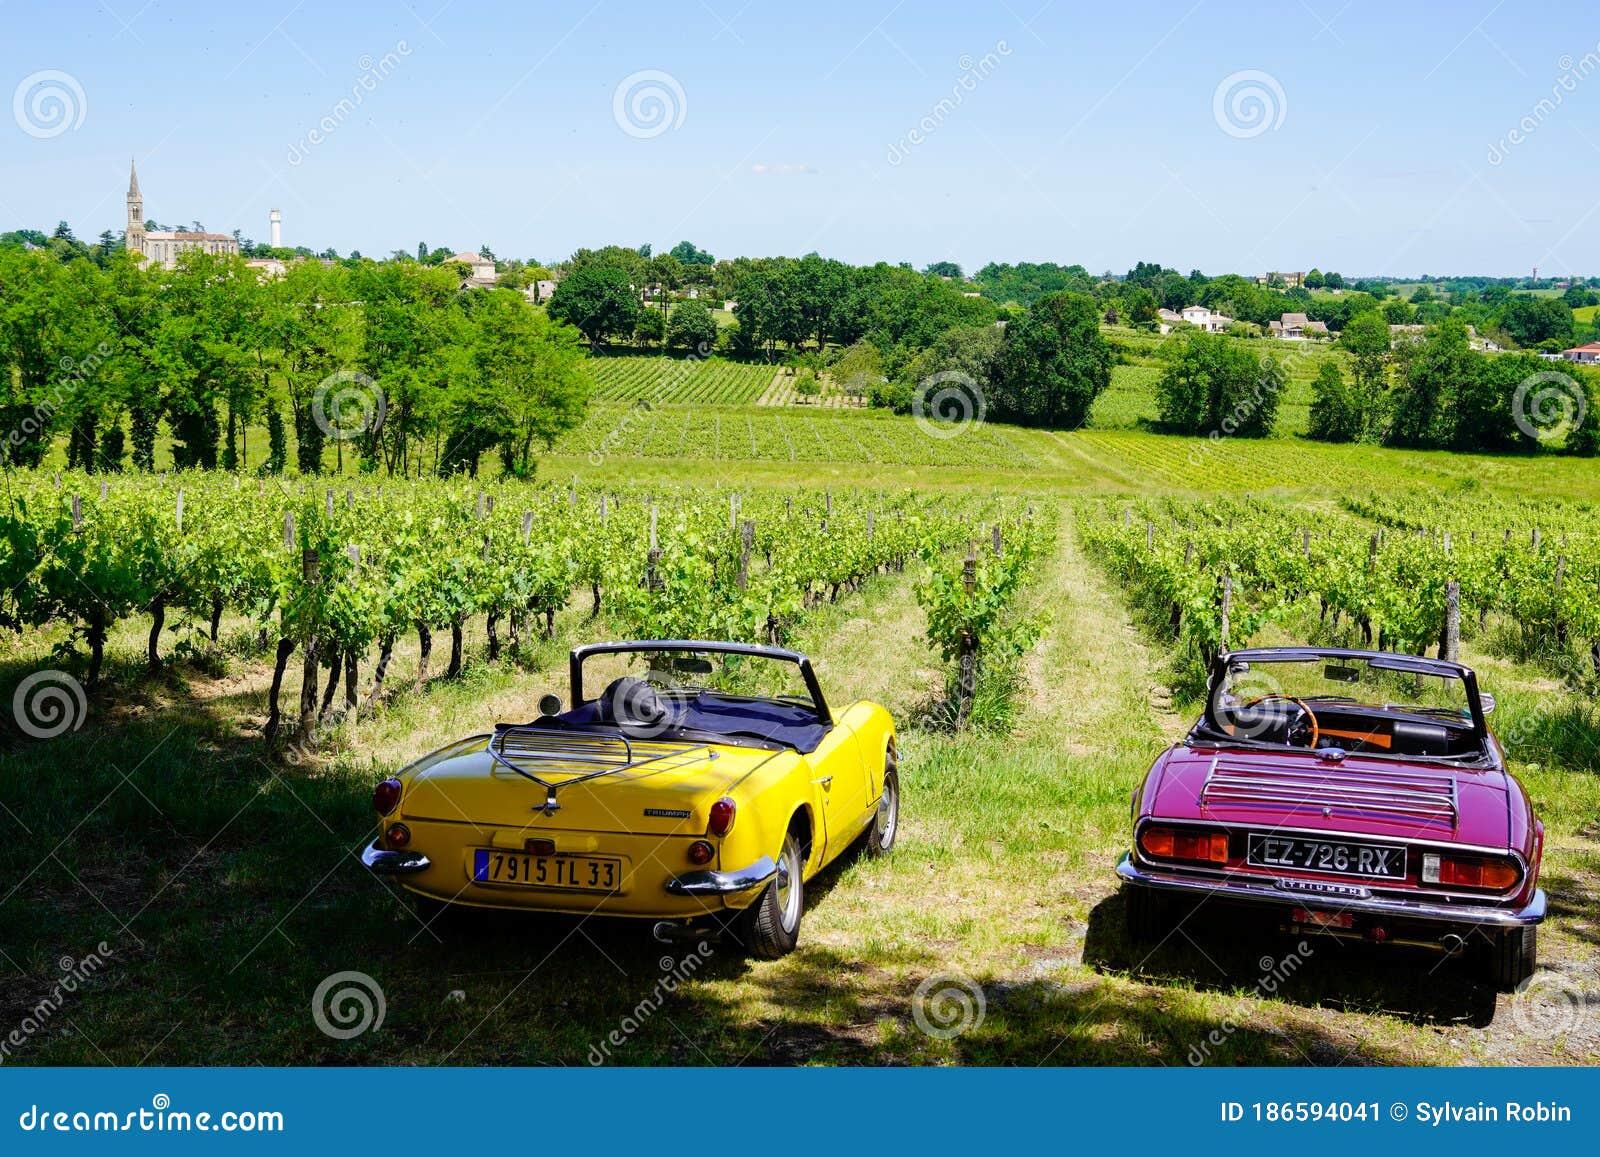 Bordeaux , Aquitaine / France - 06 01 2020 : Triumph Spitfire 1500 Vintage Car Model Parked In ...